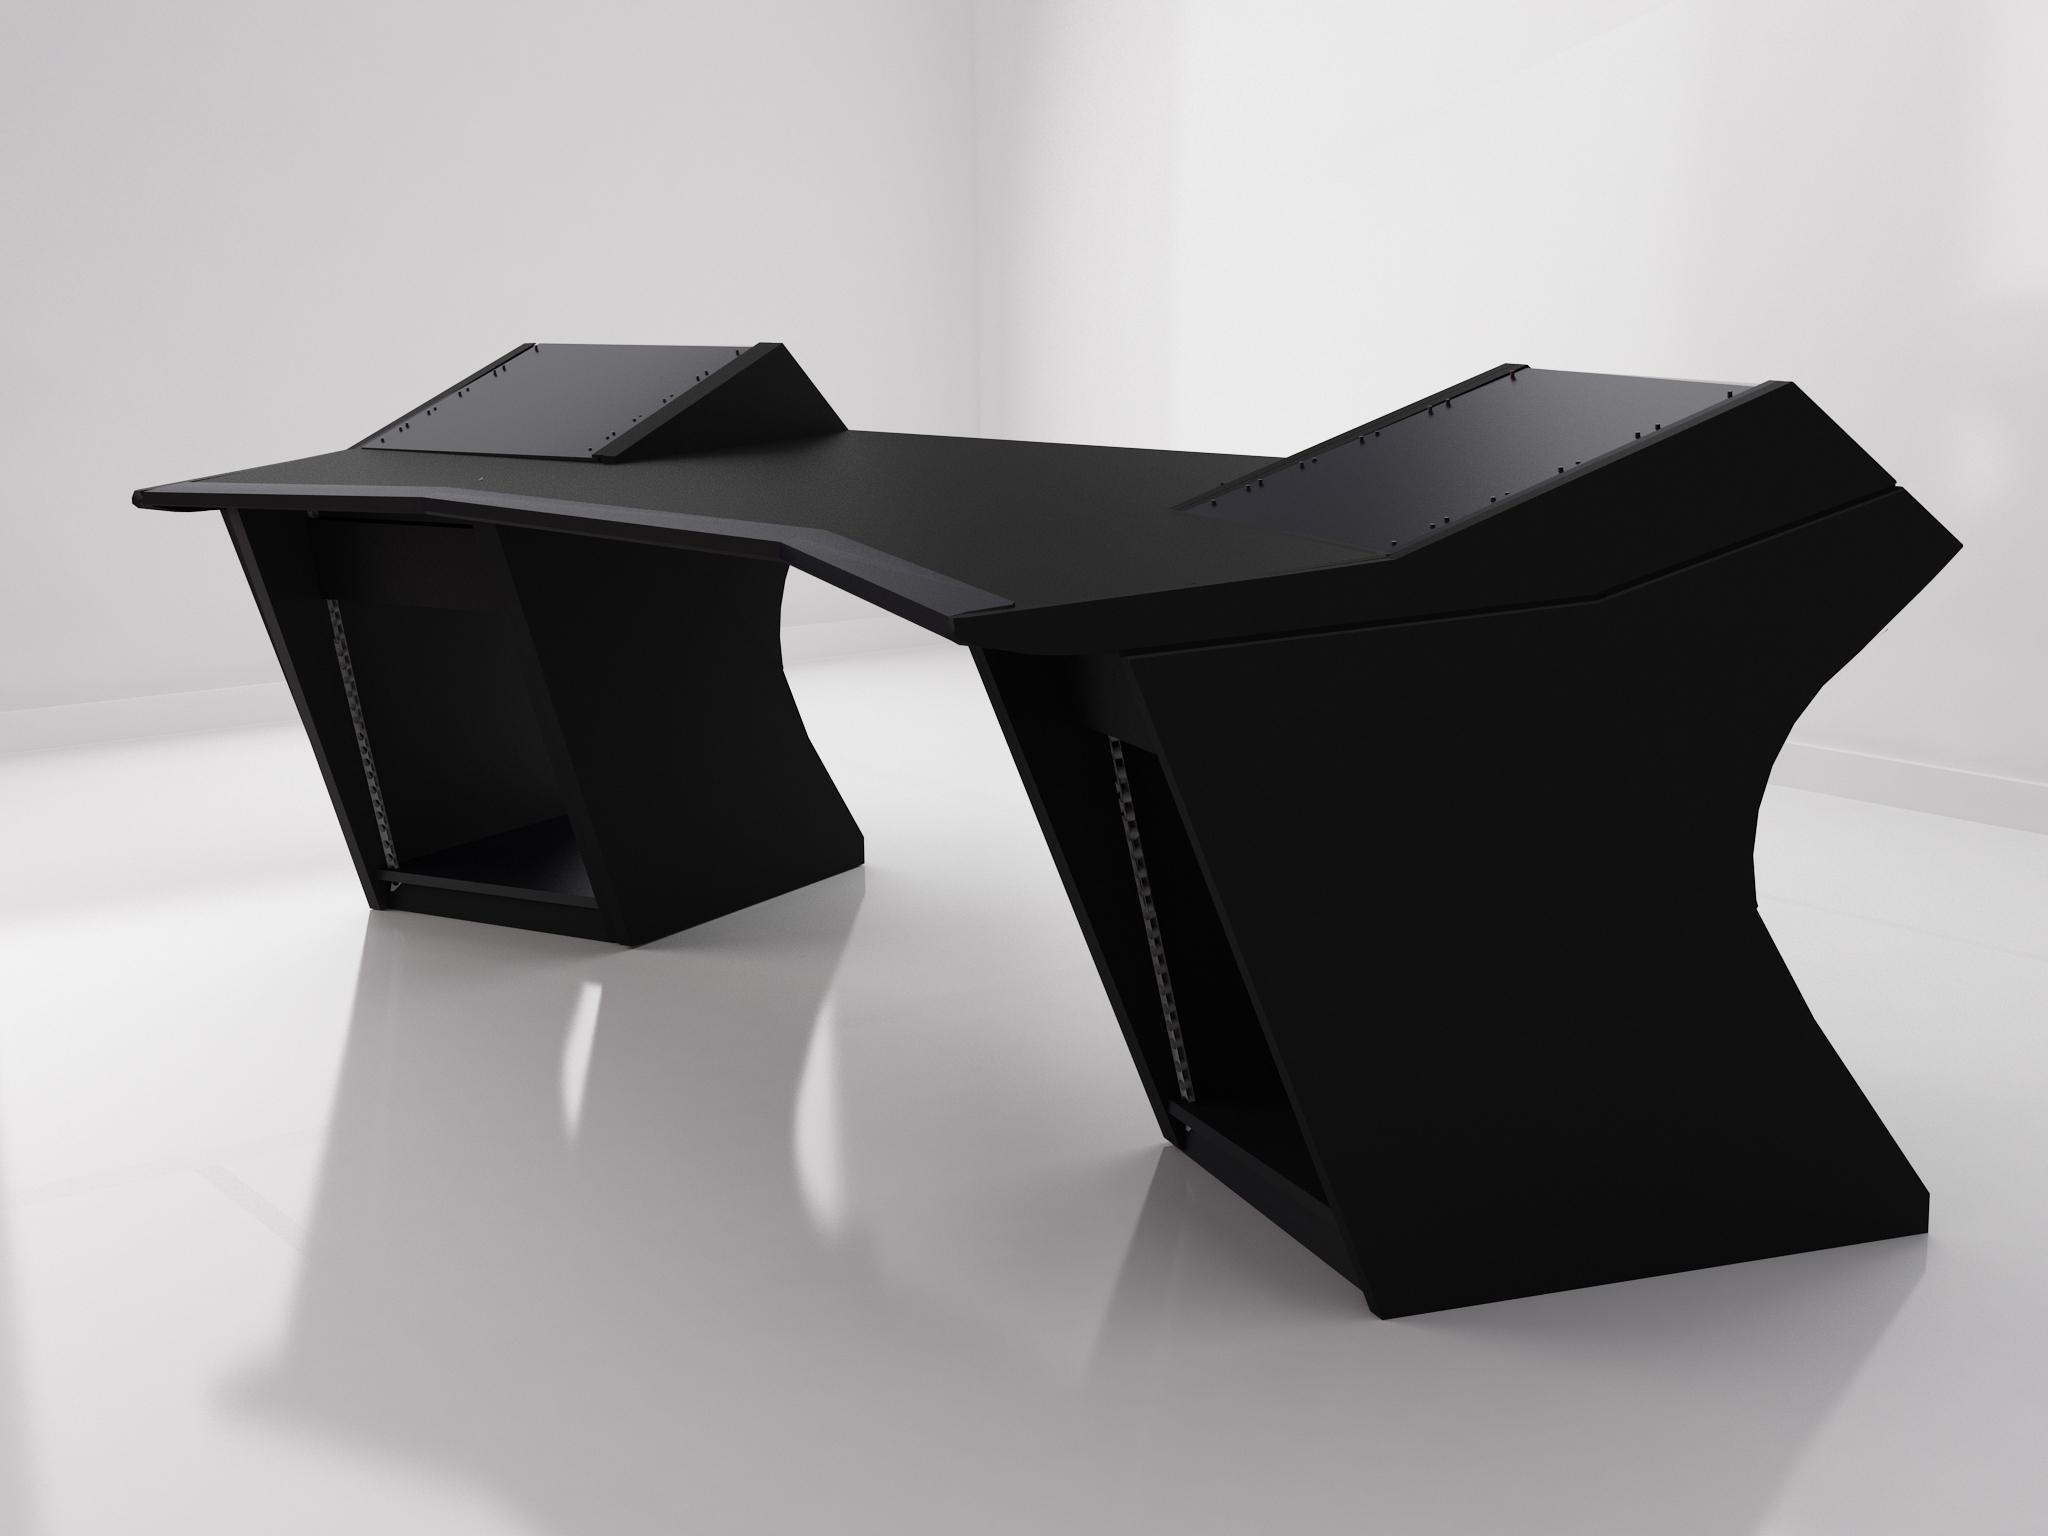 meuble studio d 39 enregistrement la station de travail ft2 trouvera certainement une place dans. Black Bedroom Furniture Sets. Home Design Ideas